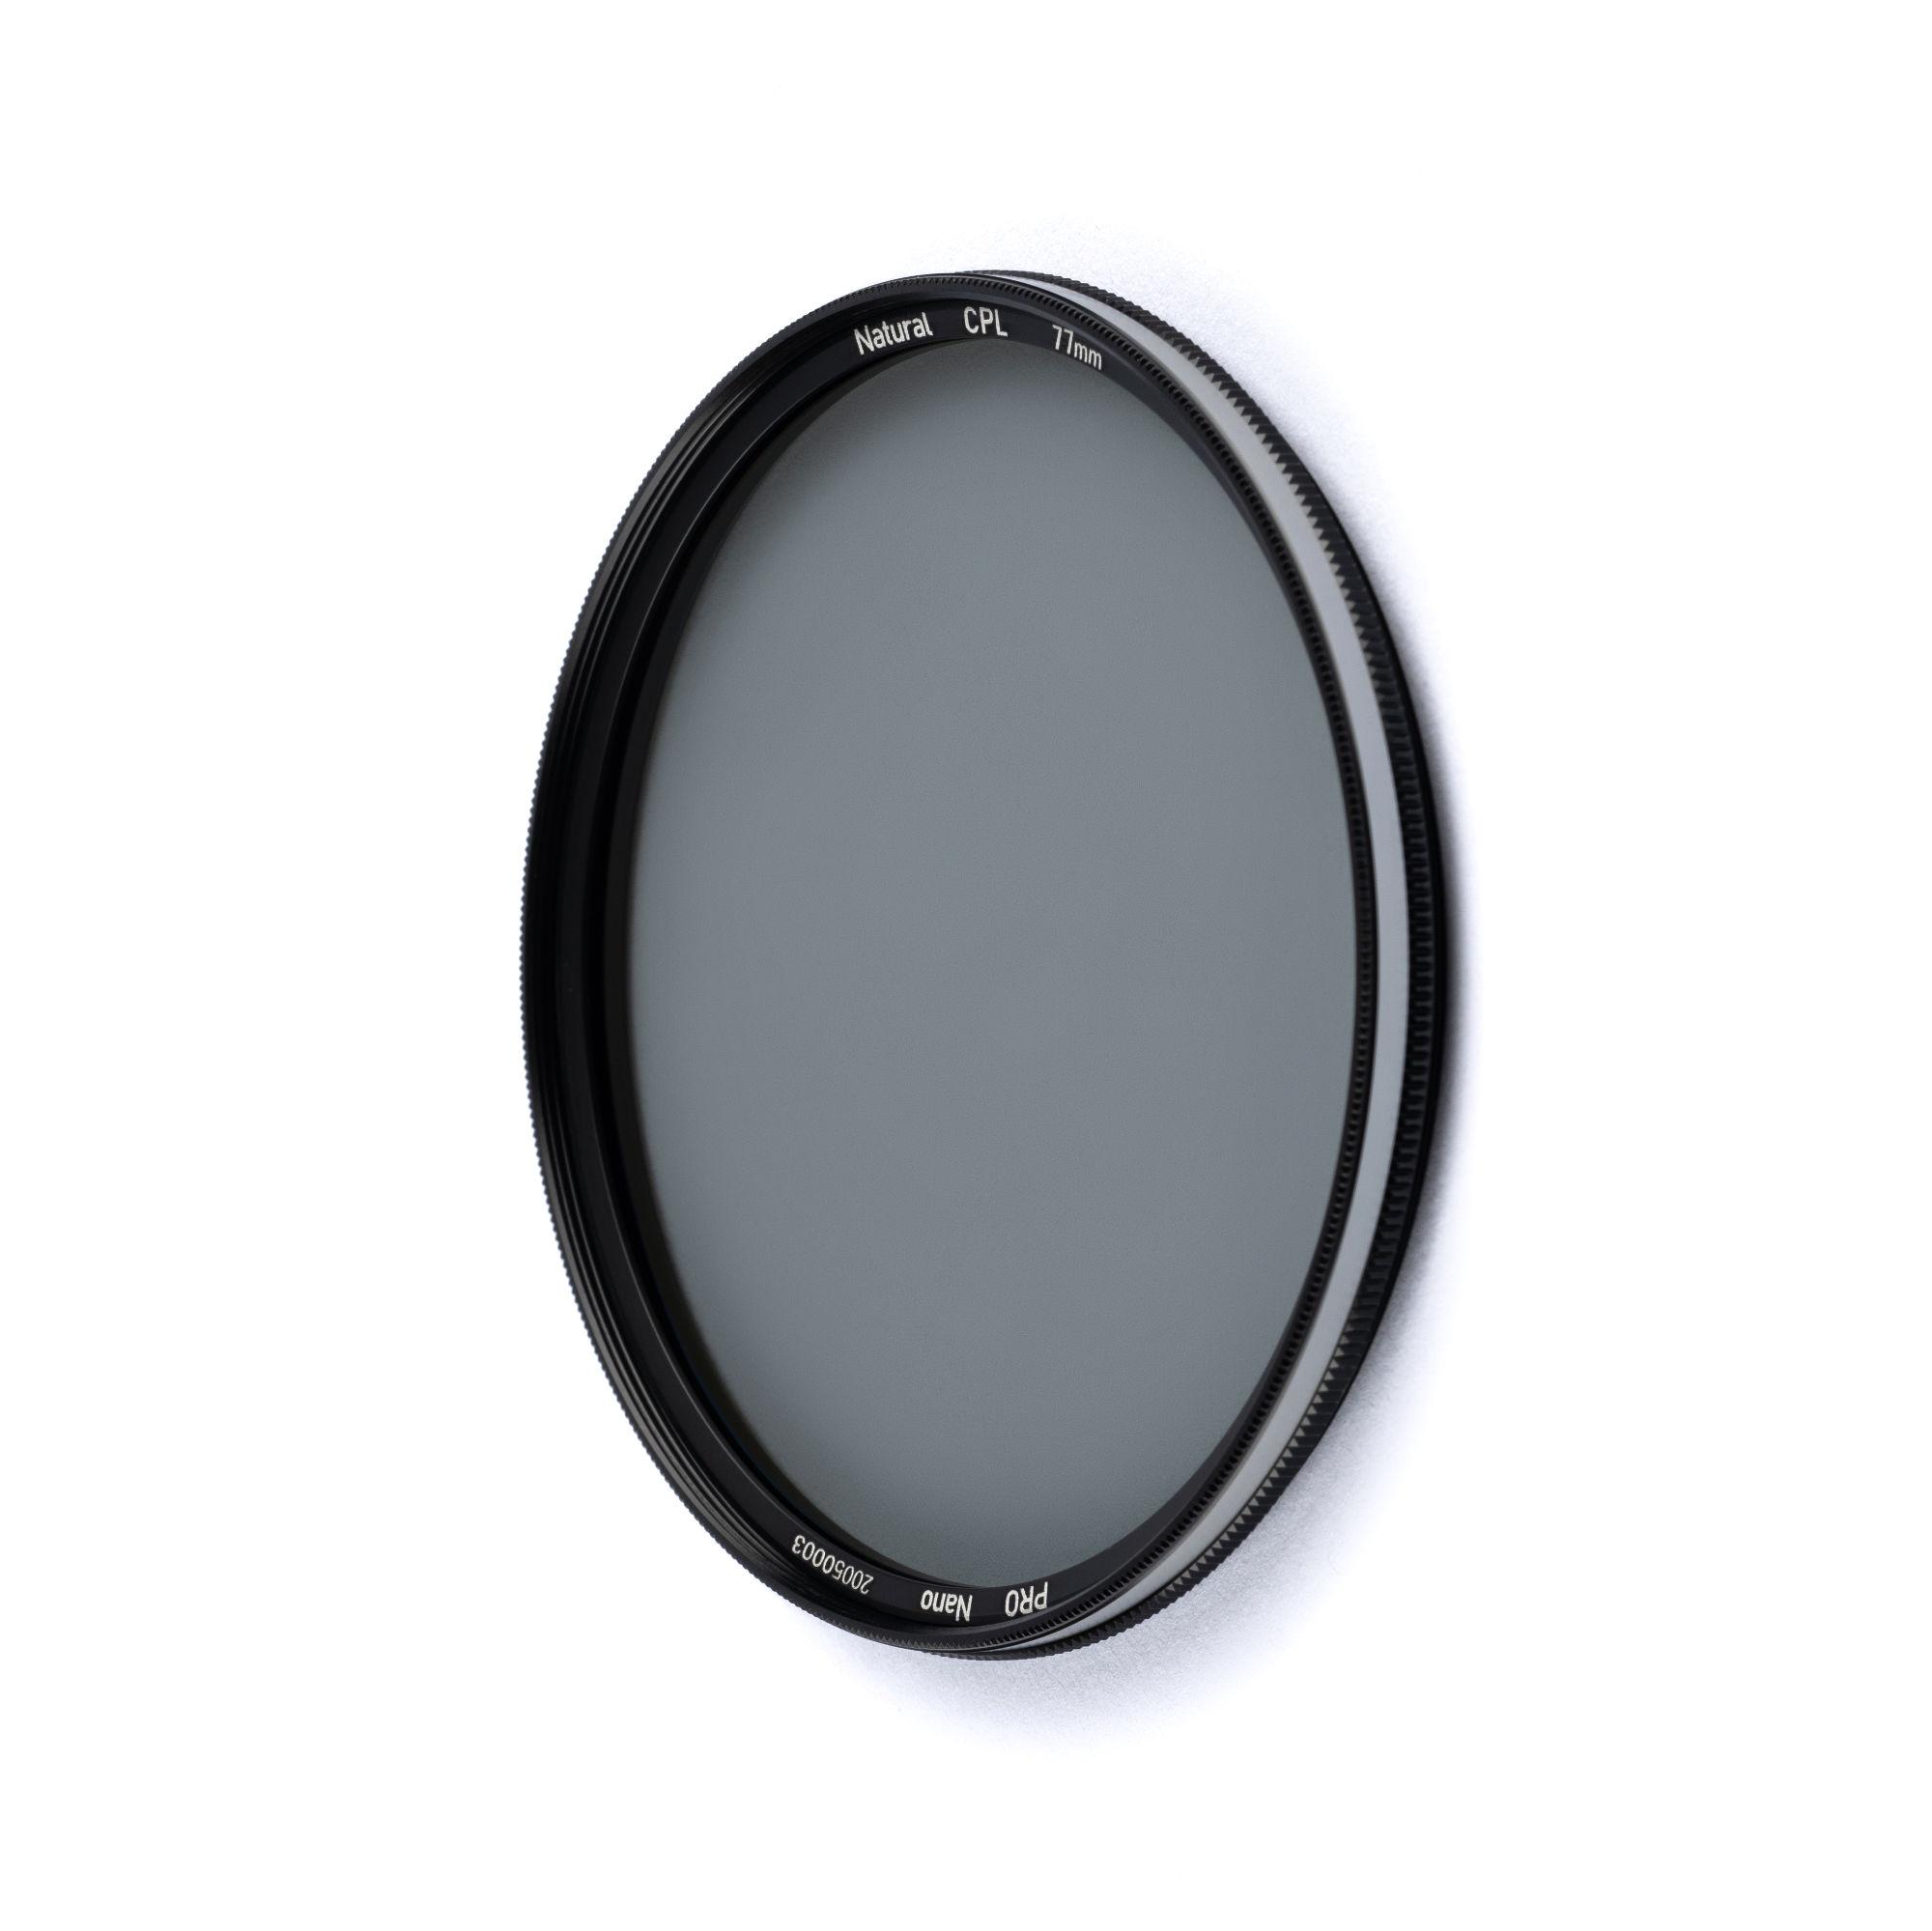 Circular CPL Circular Polarizer Filter